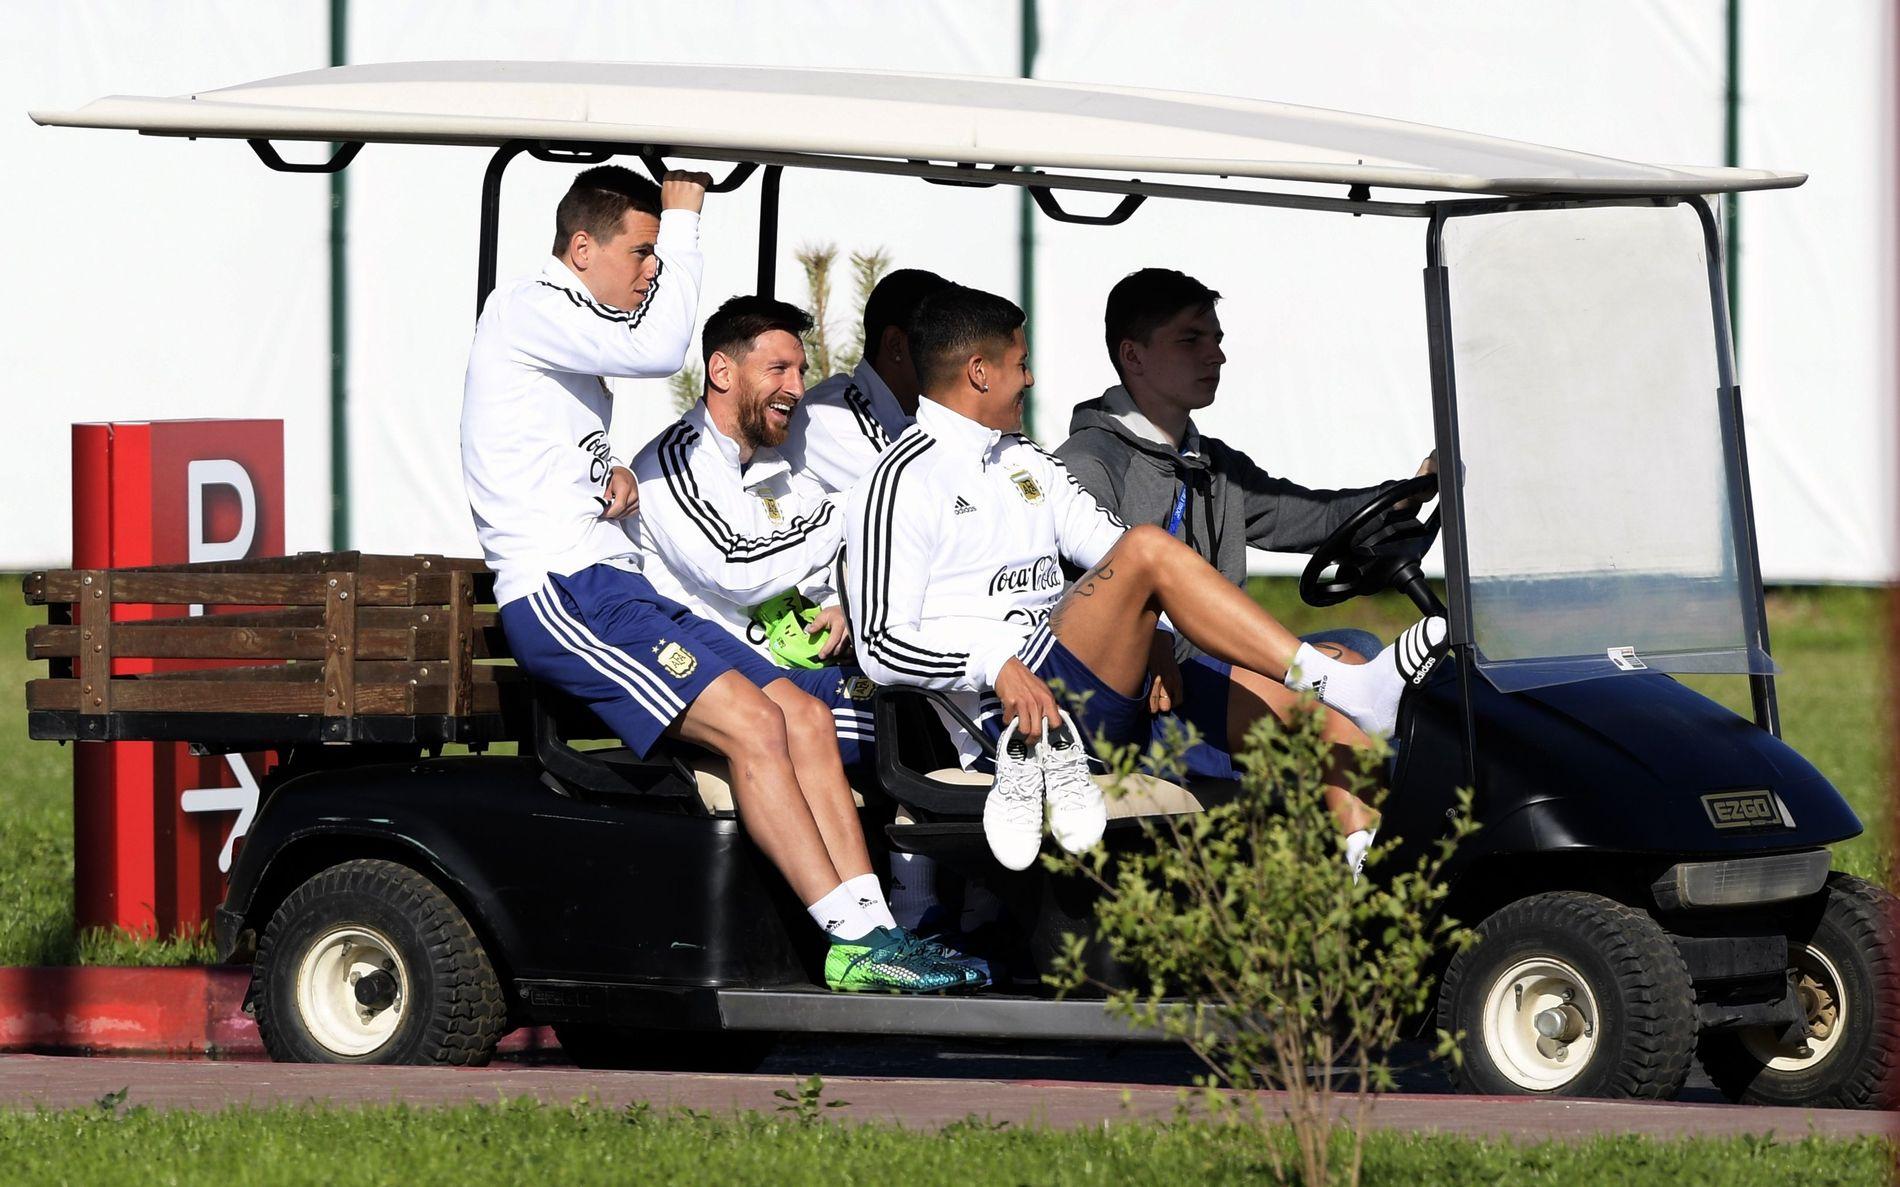 GOLFBIL: Lionel Messi sammen med Lo Celso, Marco Rojo og andre i den argentinske VM-troppen i deres leir i Bronnitsy utenfor Moskva.